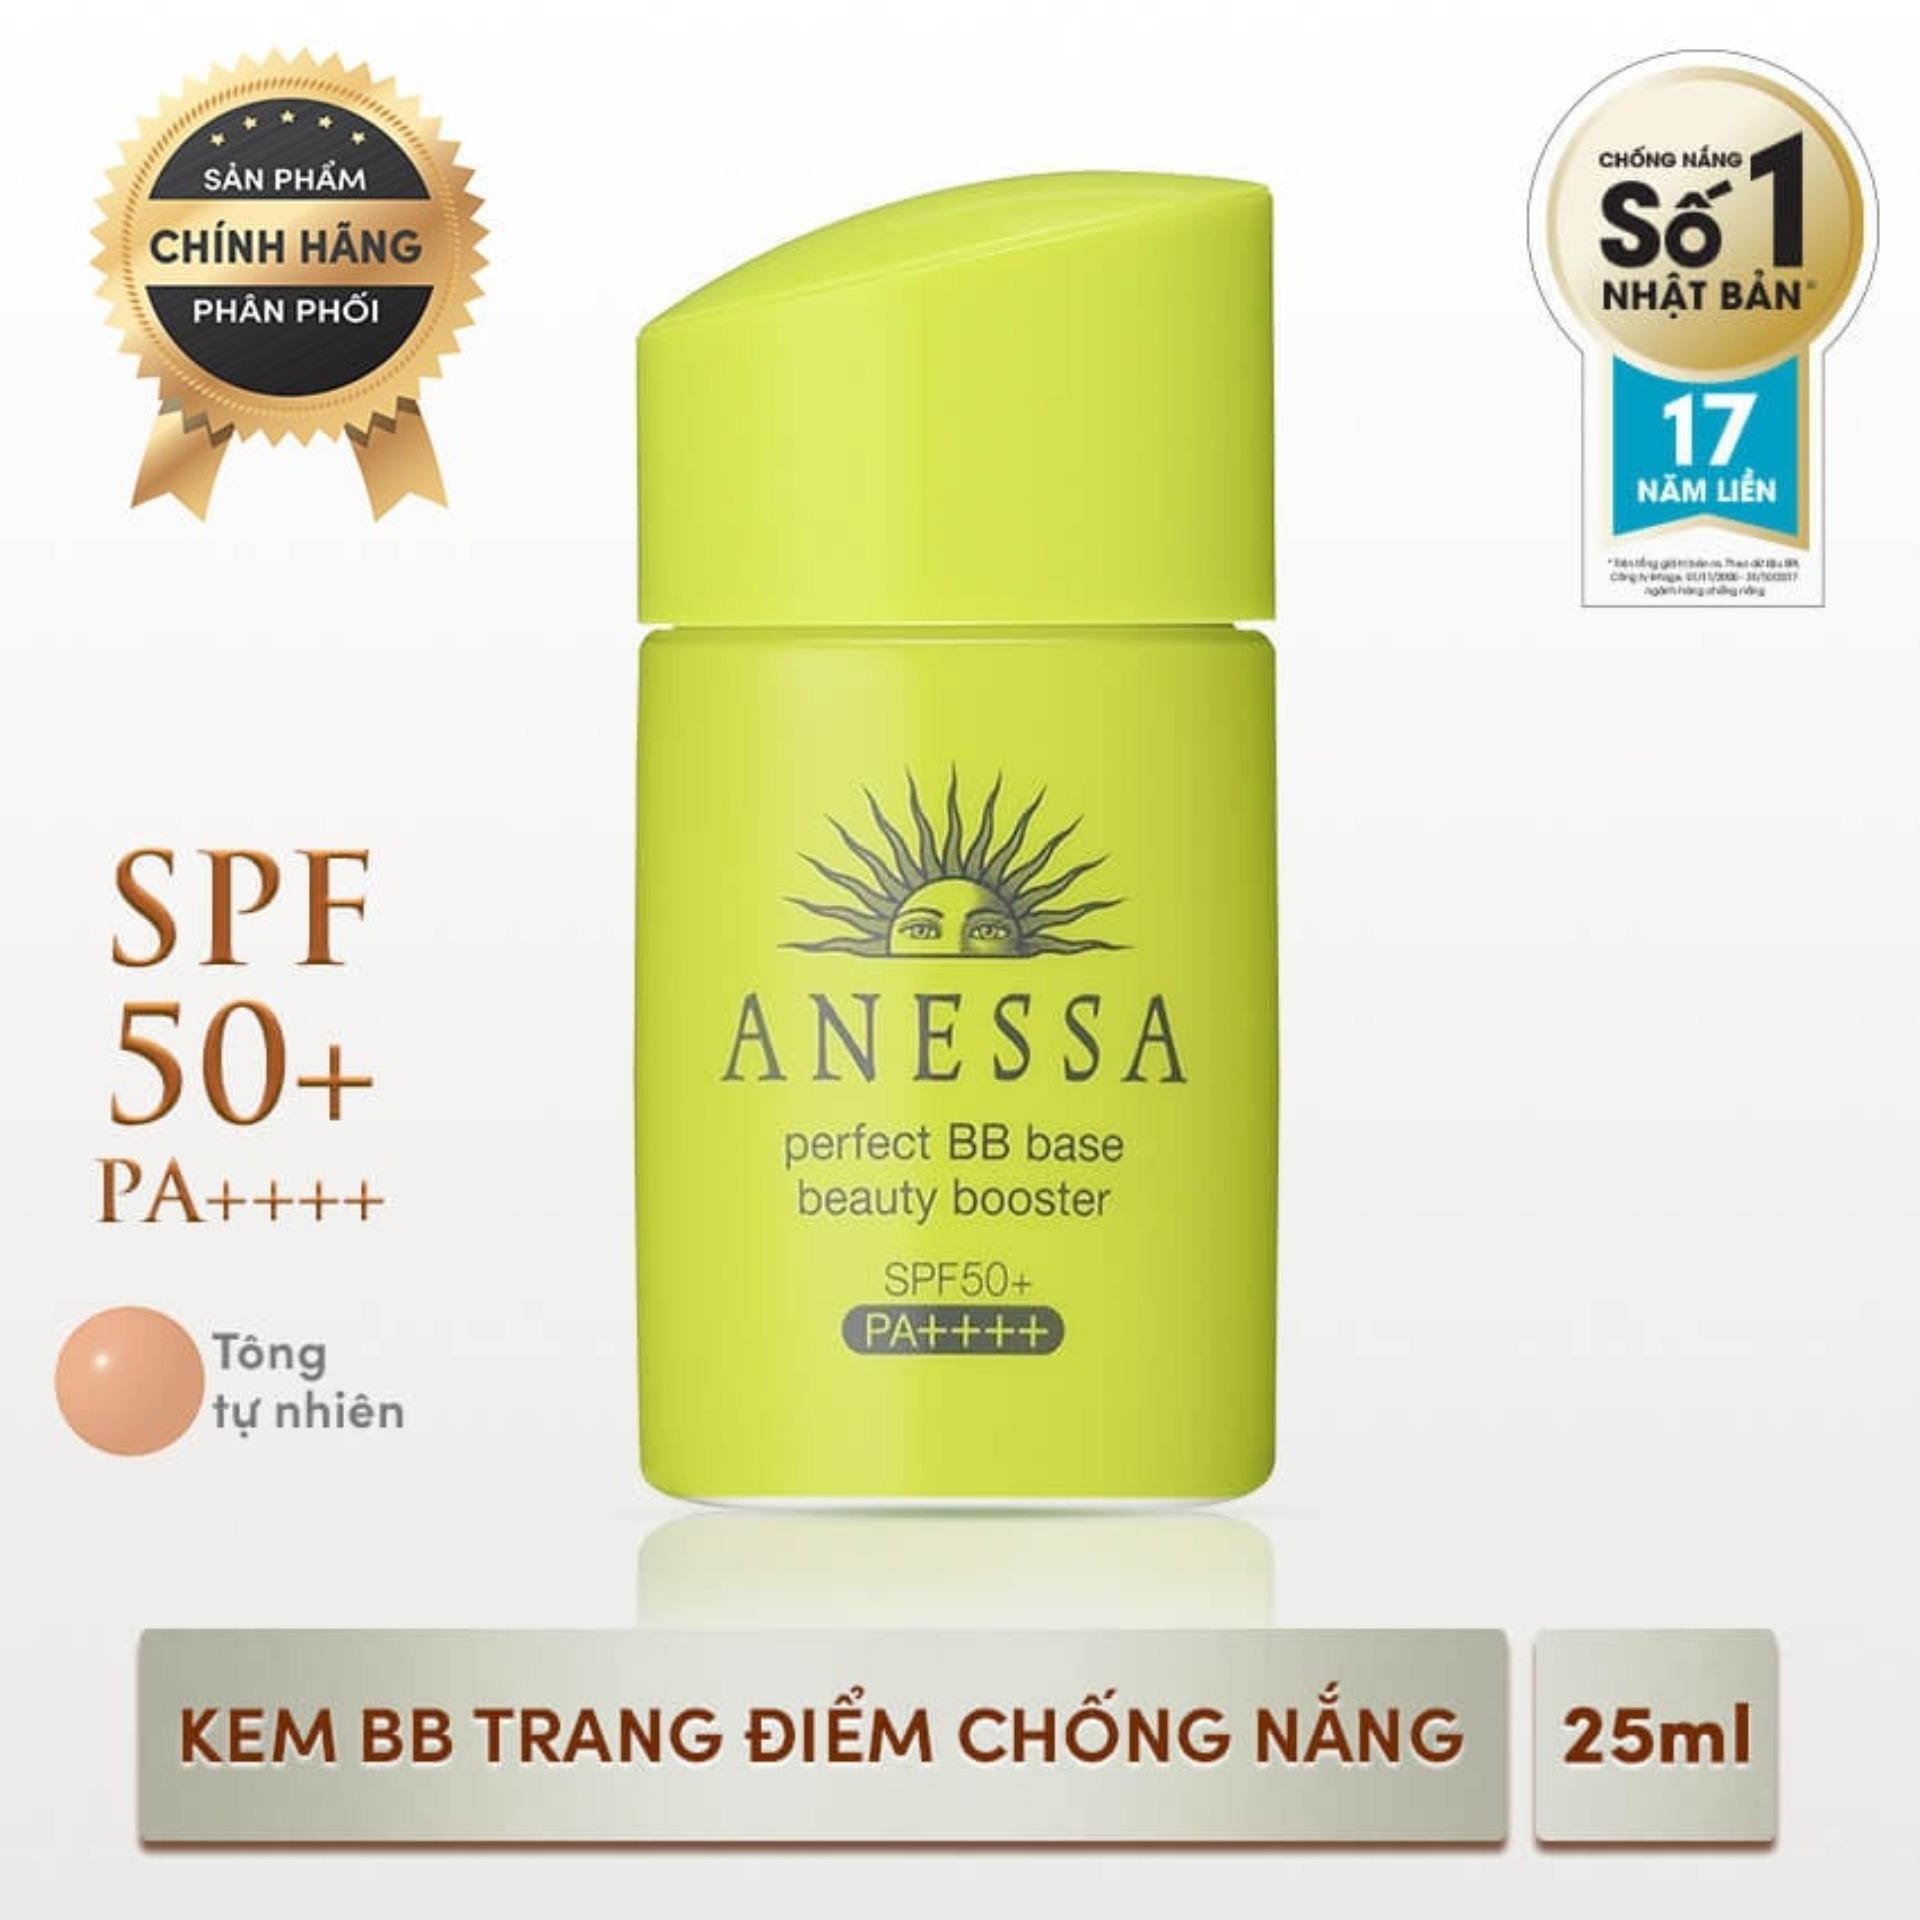 Kem trang điểm chống nắng khô thoáng ẩm mịn BB tông màu sáng Anessa Perfect BB Base Beauty Booster Natural - SPF 50+, PA++++ - 25ml